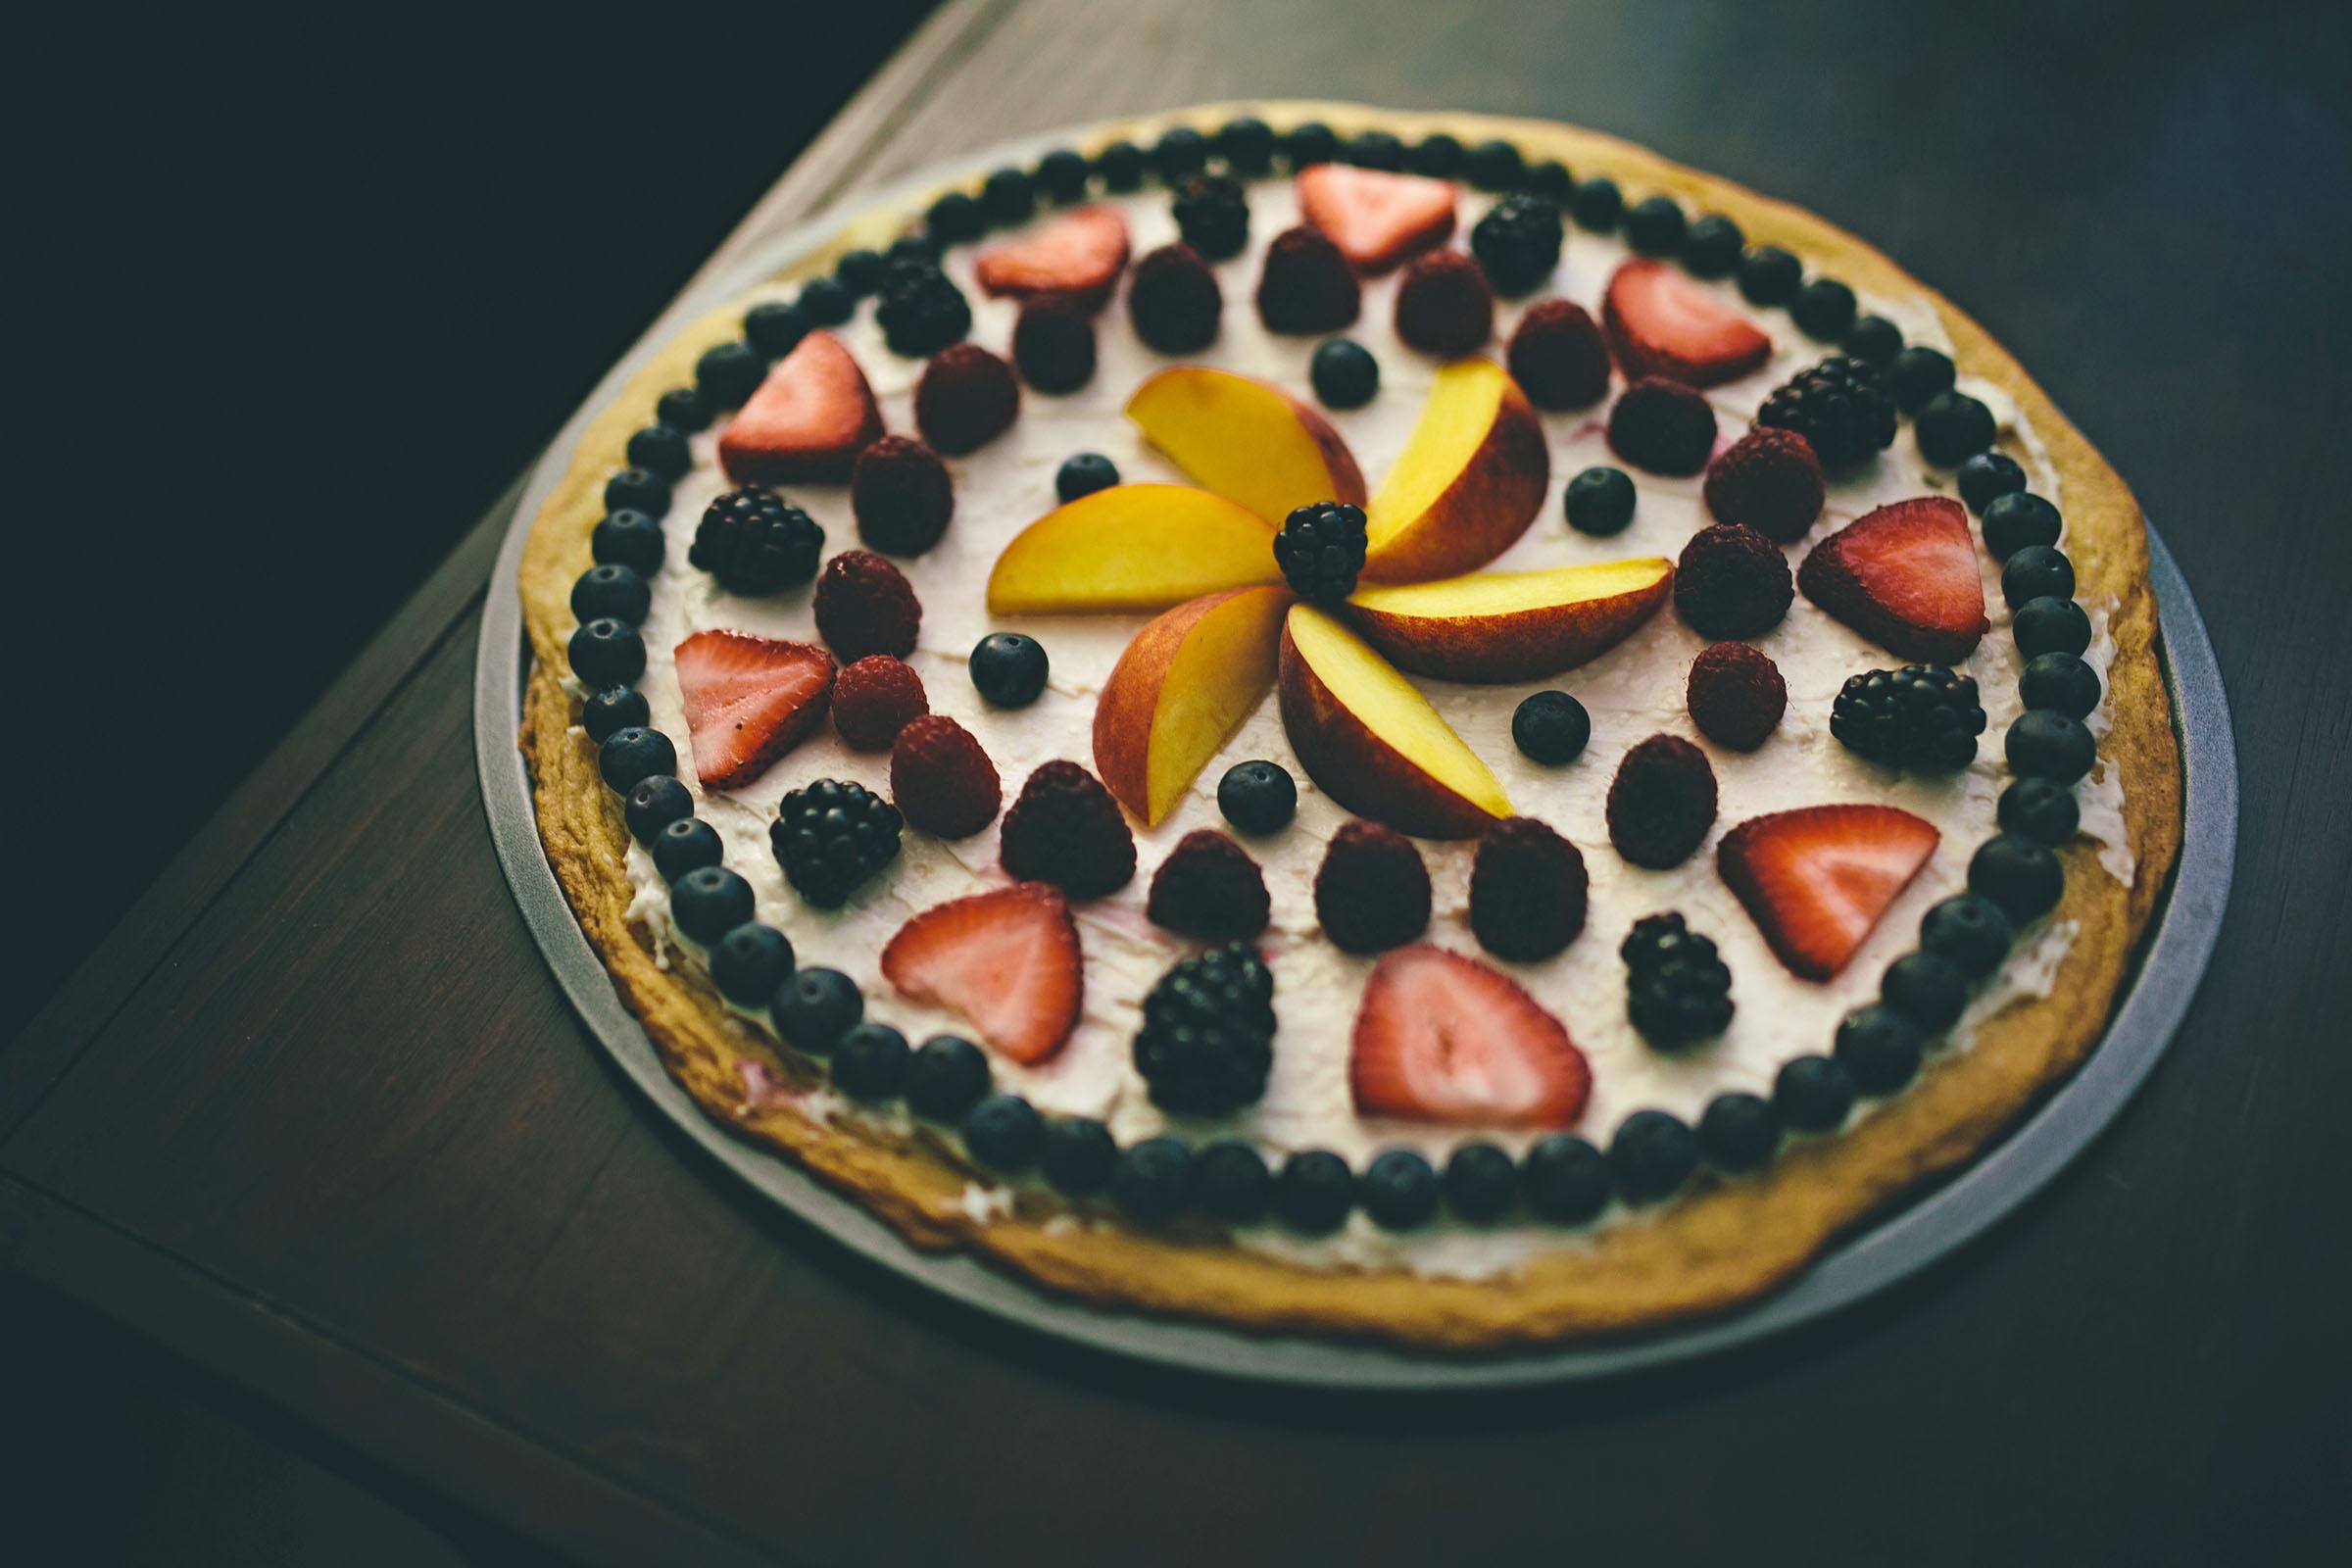 fruitpizza.jpg